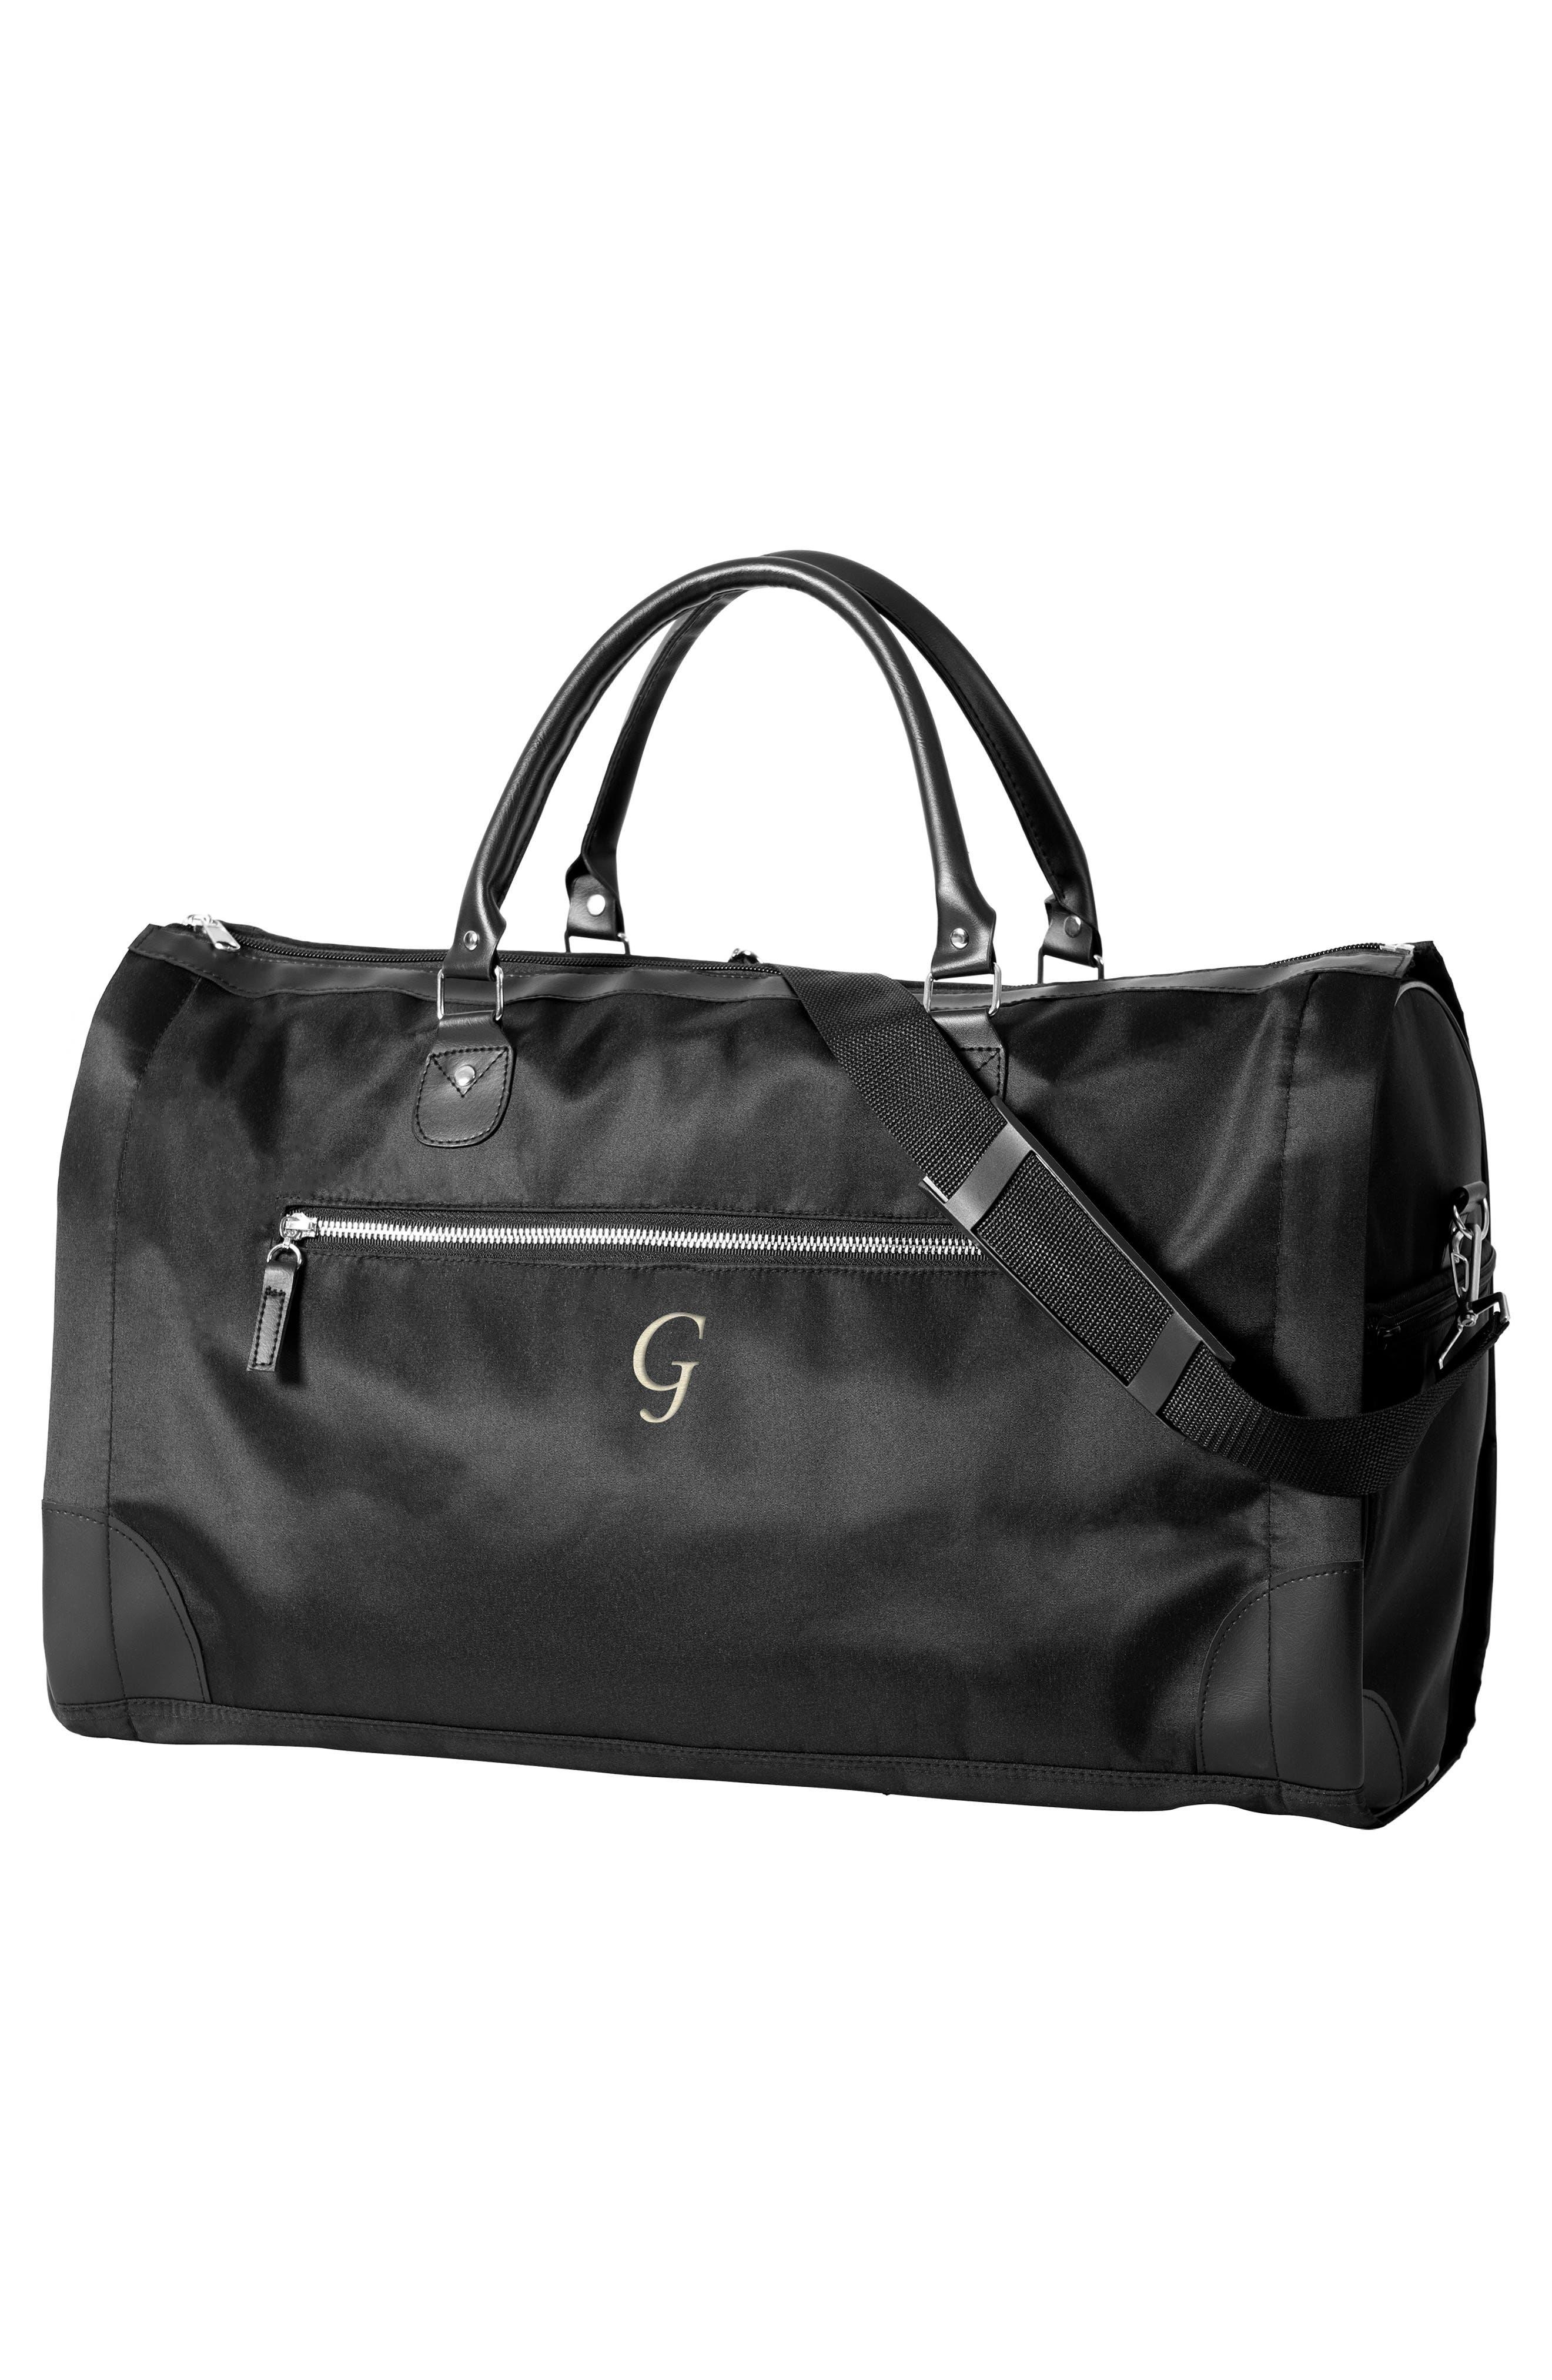 Monogram Duffel/Garment Bag,                             Alternate thumbnail 10, color,                             BLACK